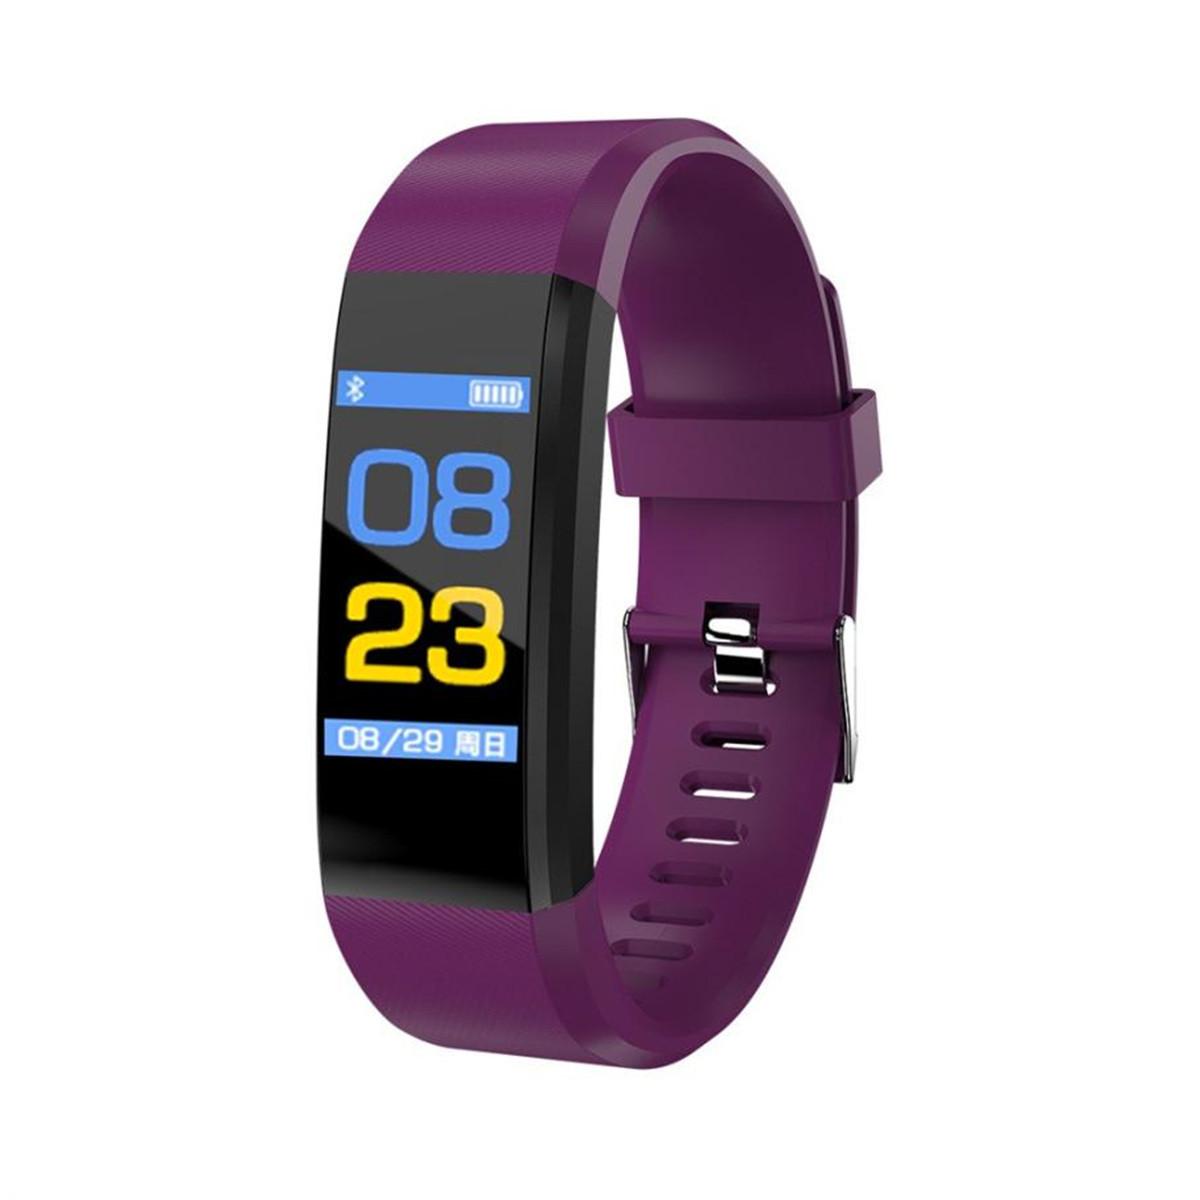 Фитнес браслет Smart Band 115 PLUS фиолетовый. Давление, пульс. Фитнес трекер. Шагомер. Часы.